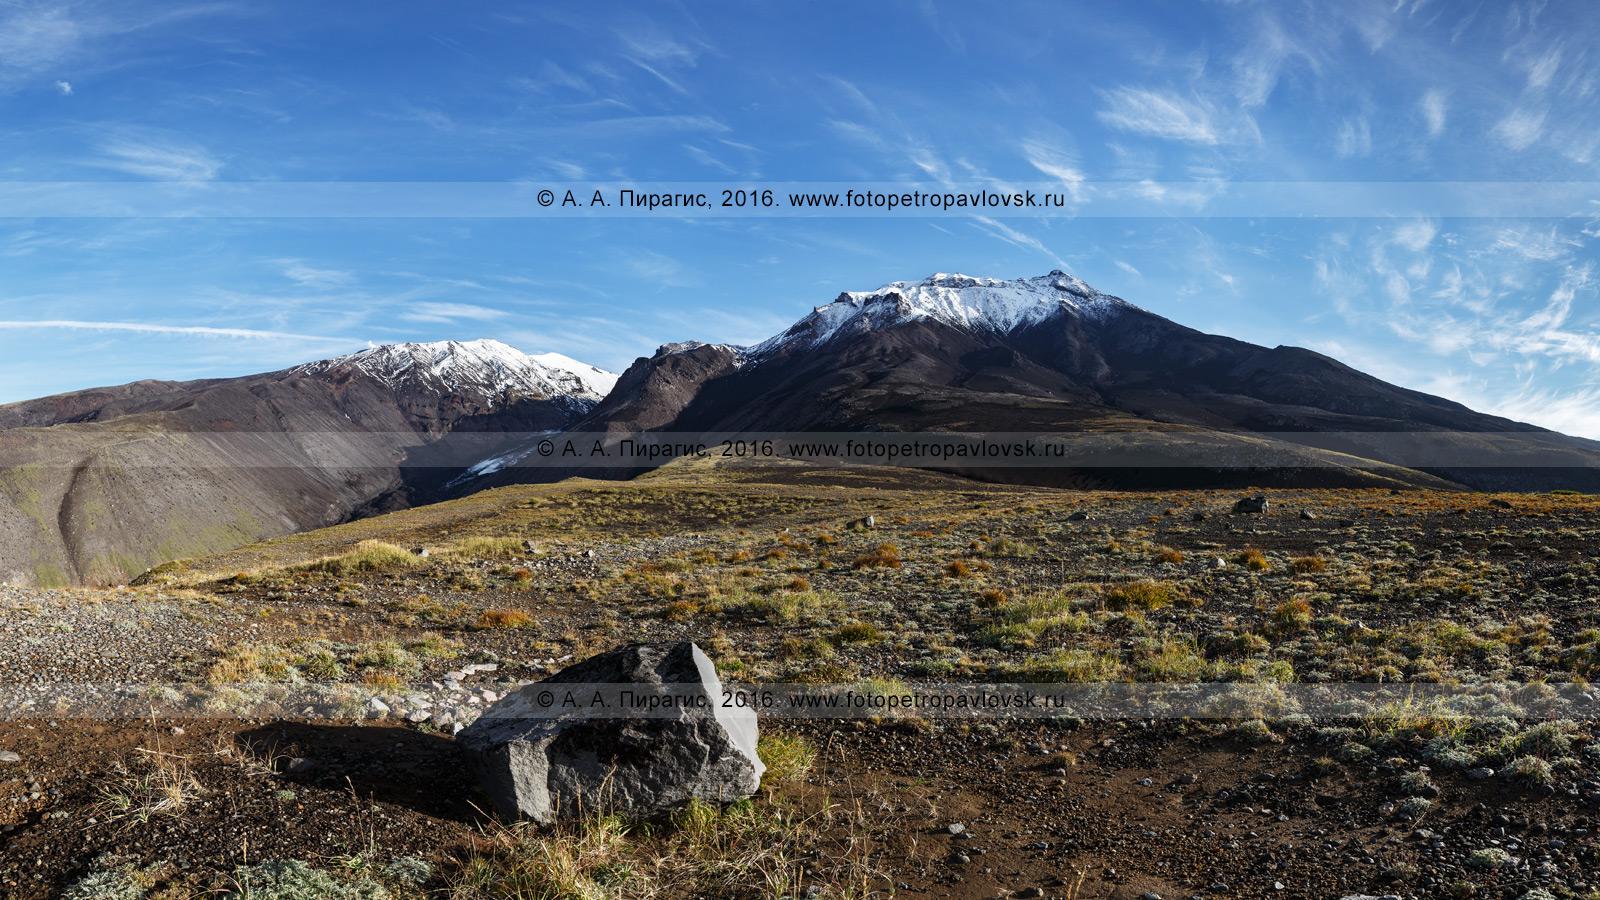 Панорамная фотография: Козельский вулкан (Kozelsky Volcano) в Авачинско-Корякской группе вулканов на полуострове Камчатка